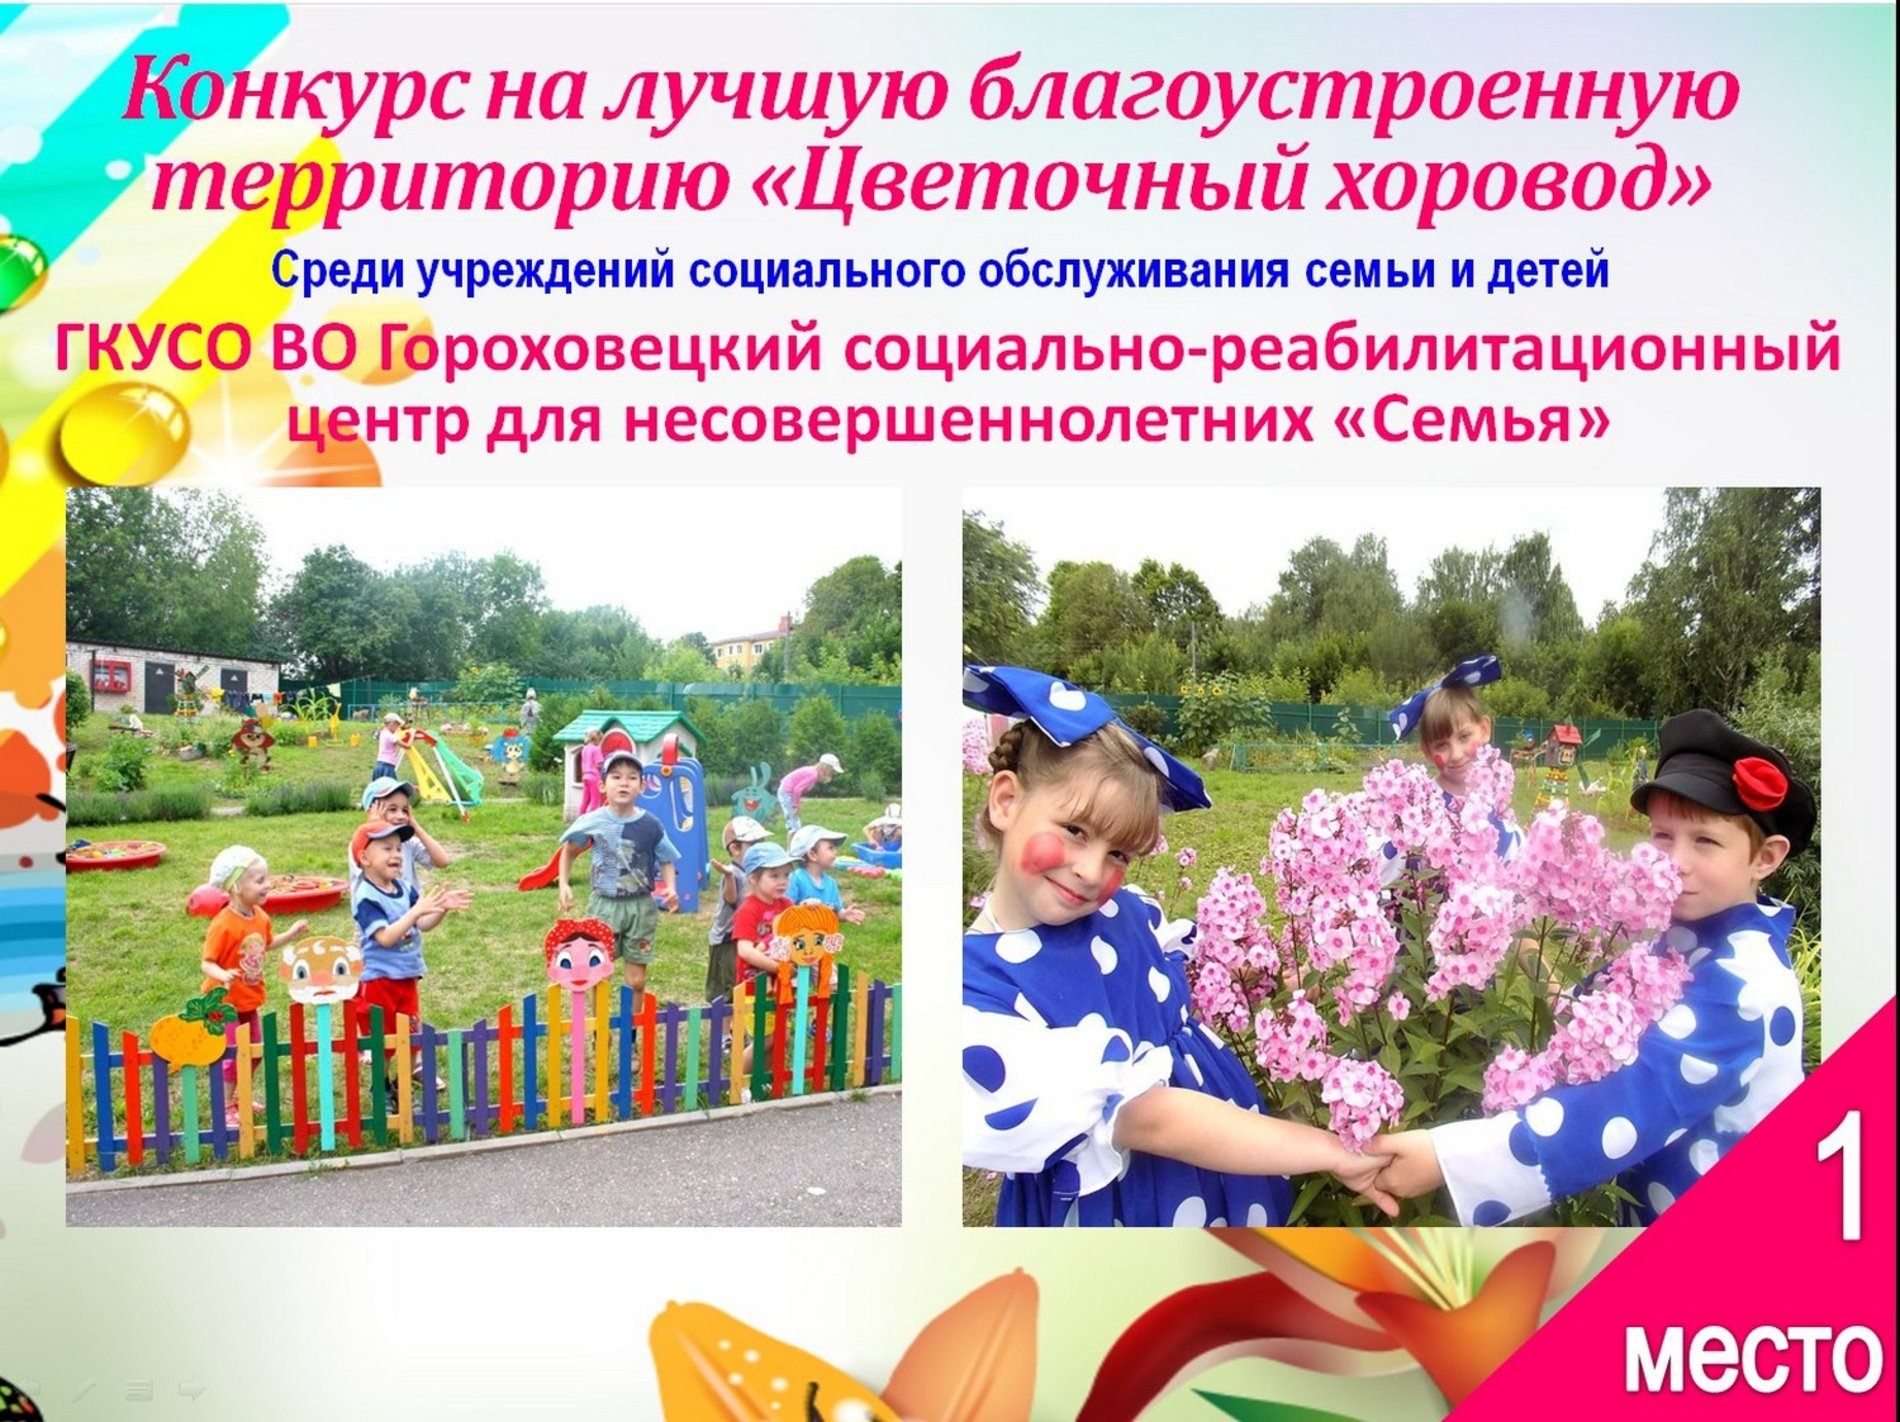 тел справочник черкасс собес